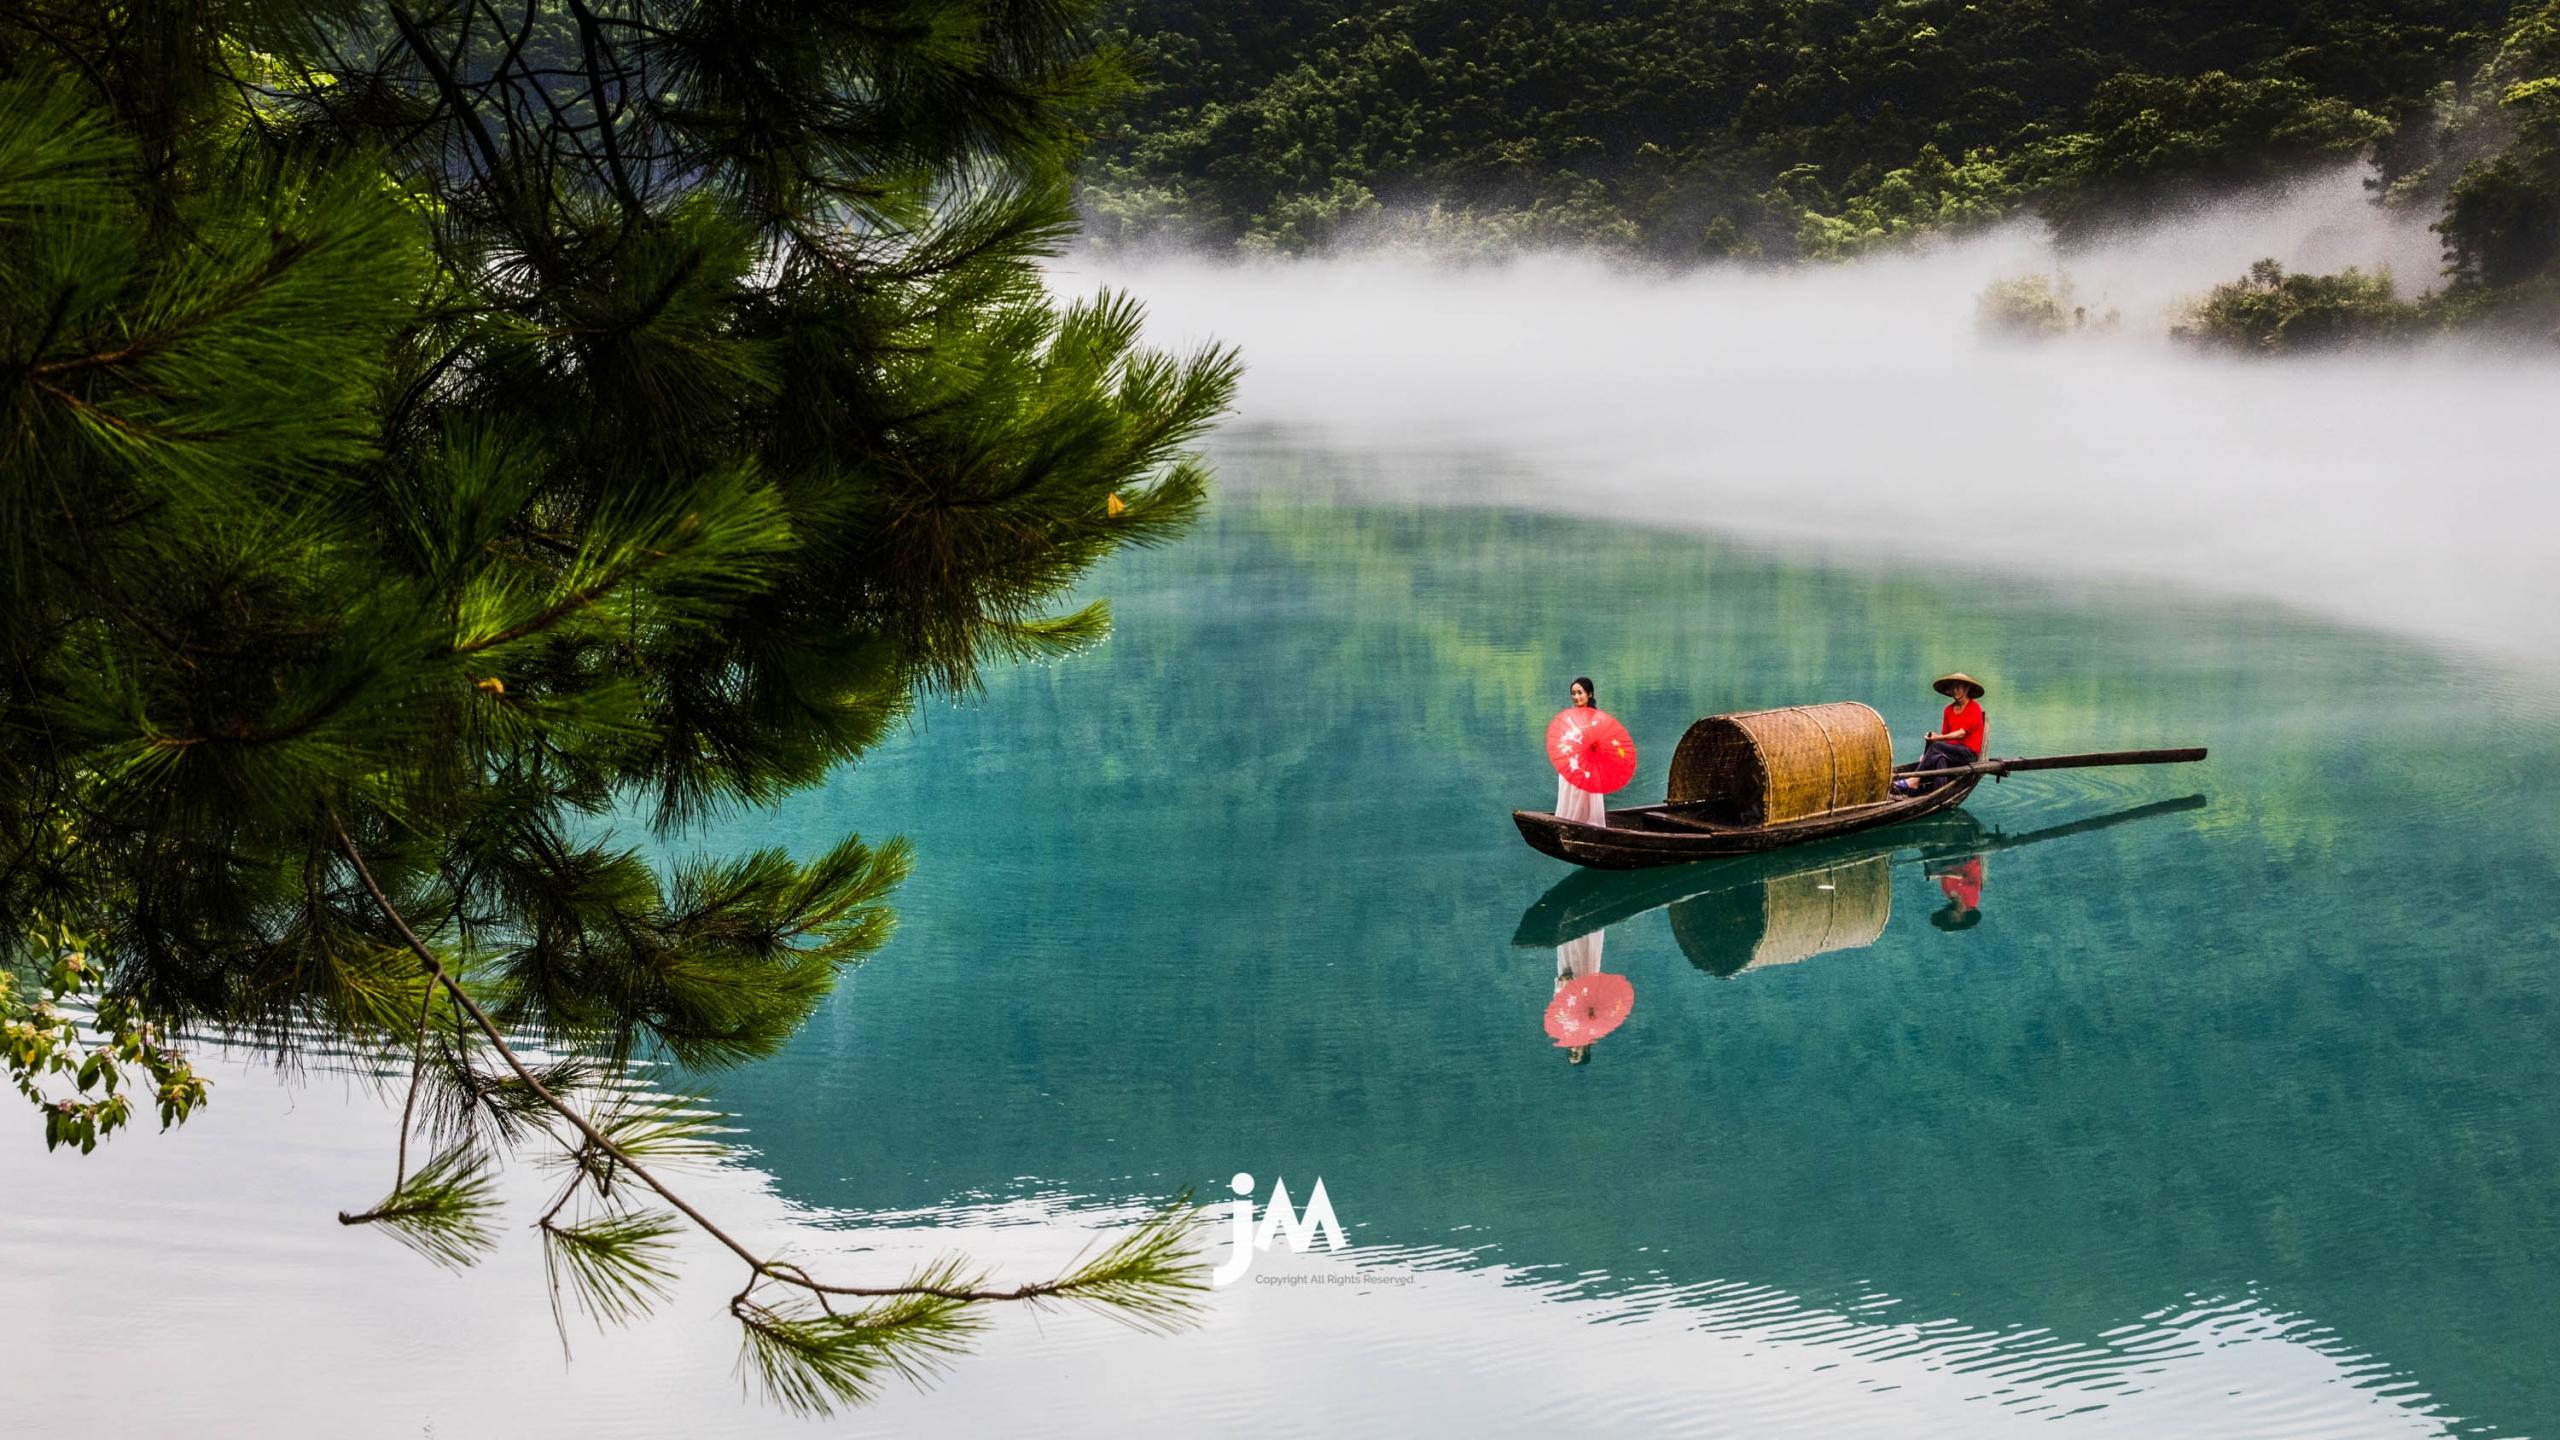 china-xiaodongjiang-2016-3700-scaled